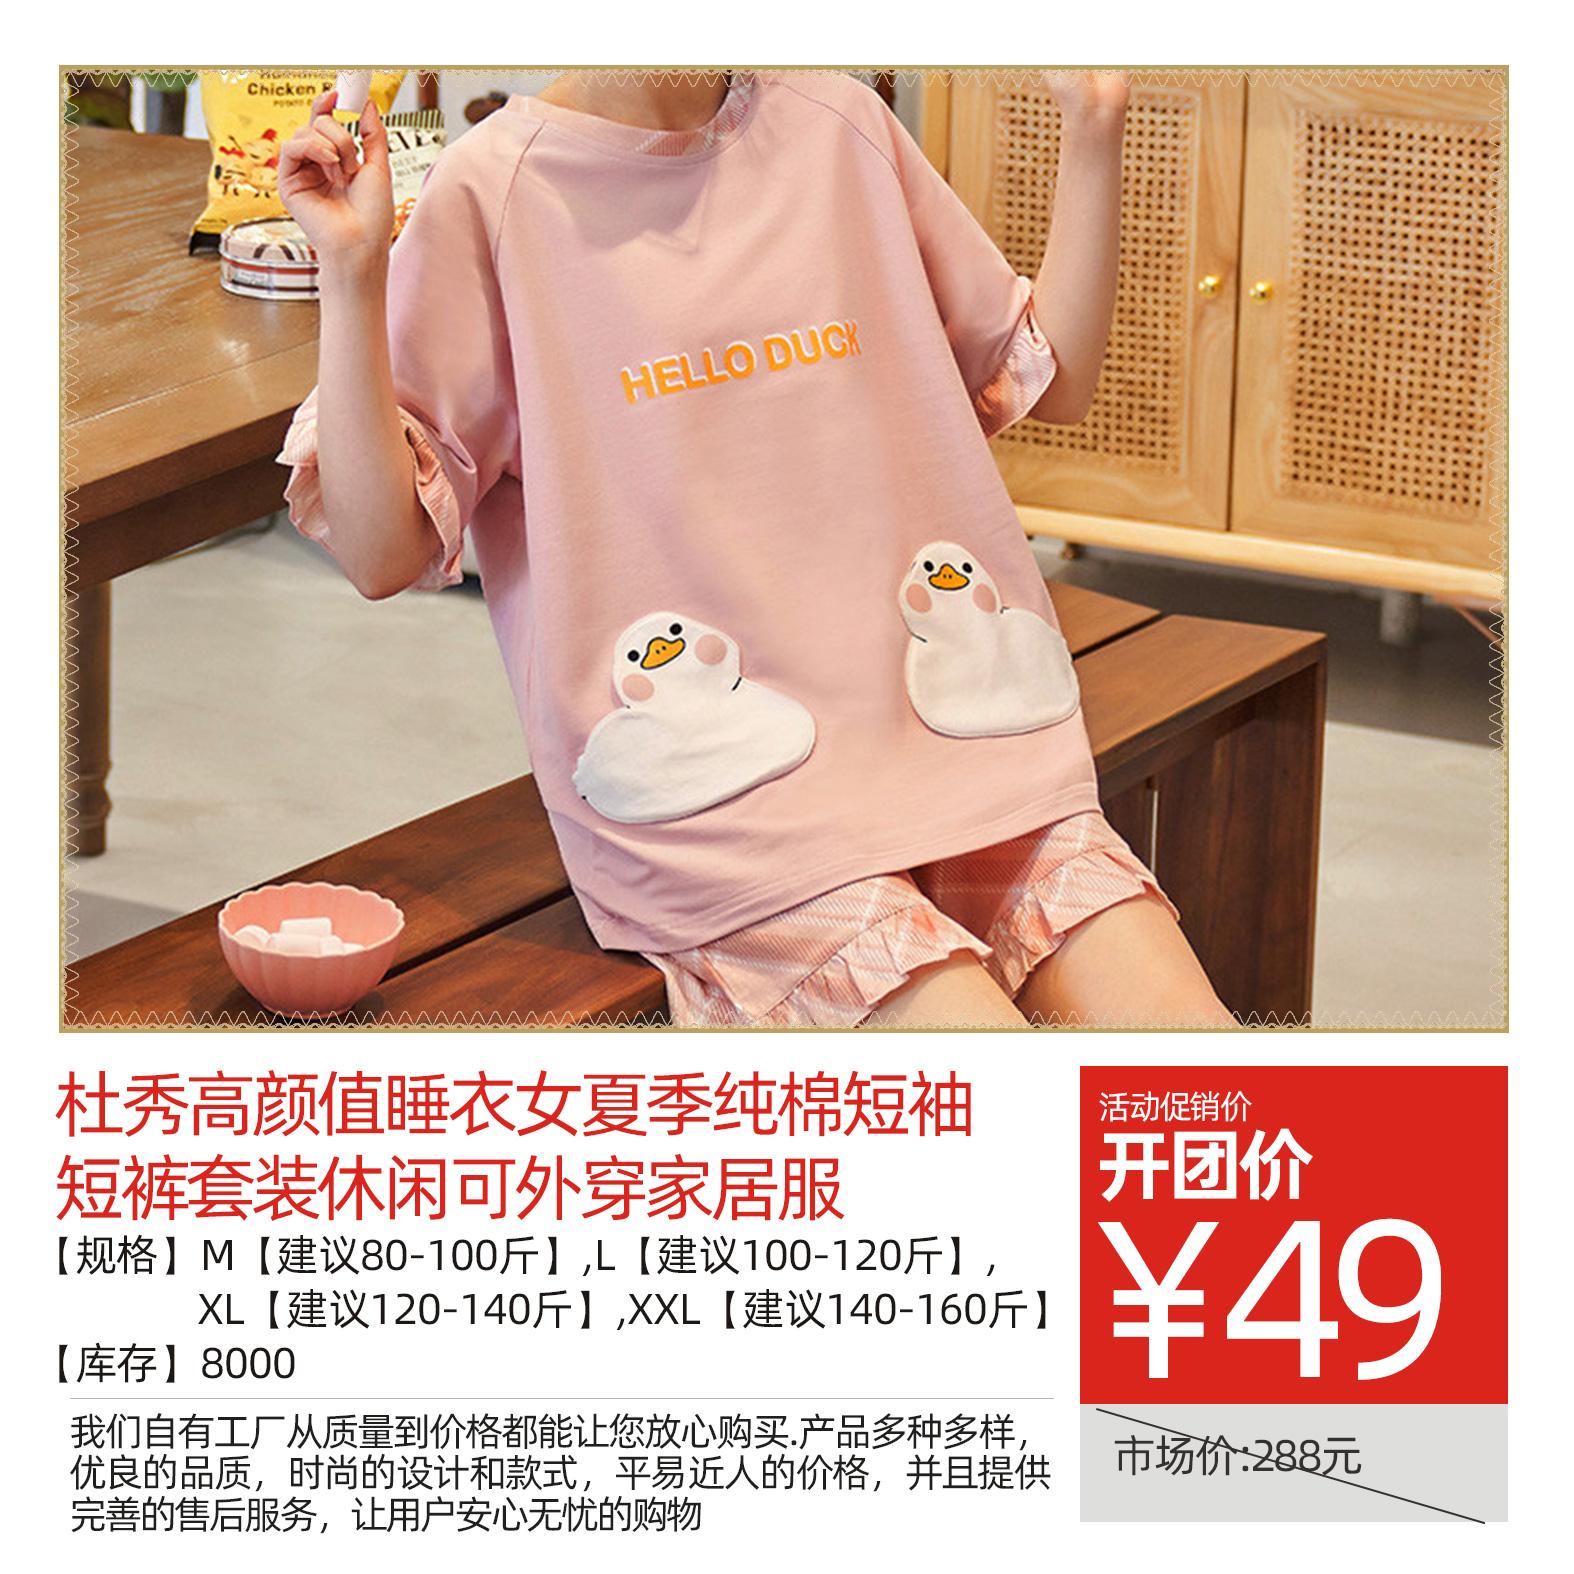 杜秀高颜值睡衣女夏季纯棉短袖短裤套装休闲可外穿家居服